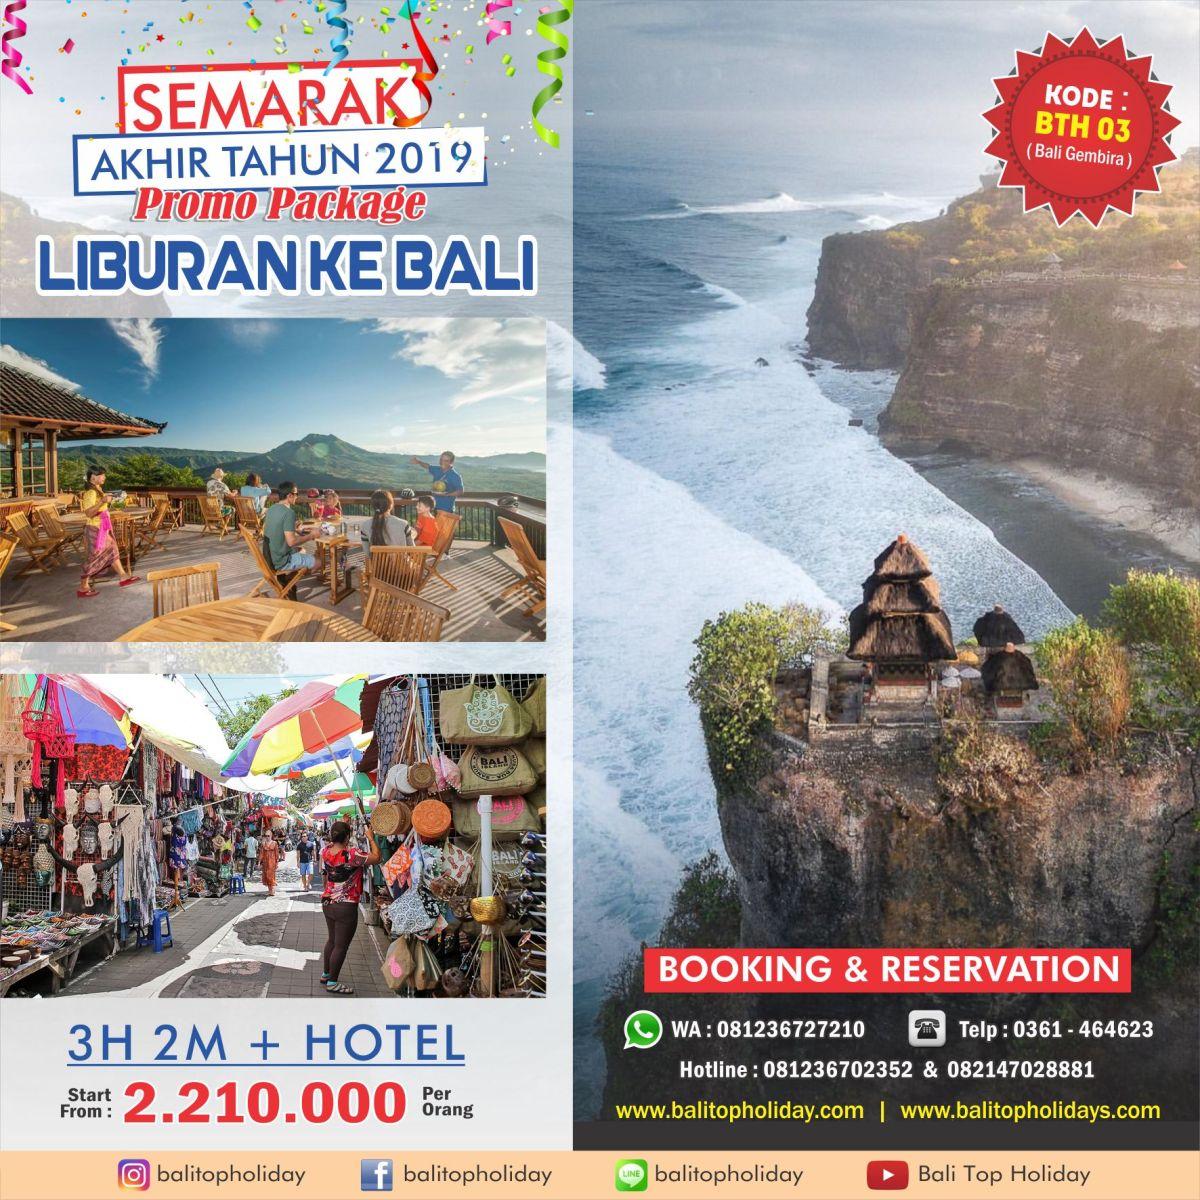 Promo Paket Wisata Paket Tour Bali Desember Akhir Tahun 2019